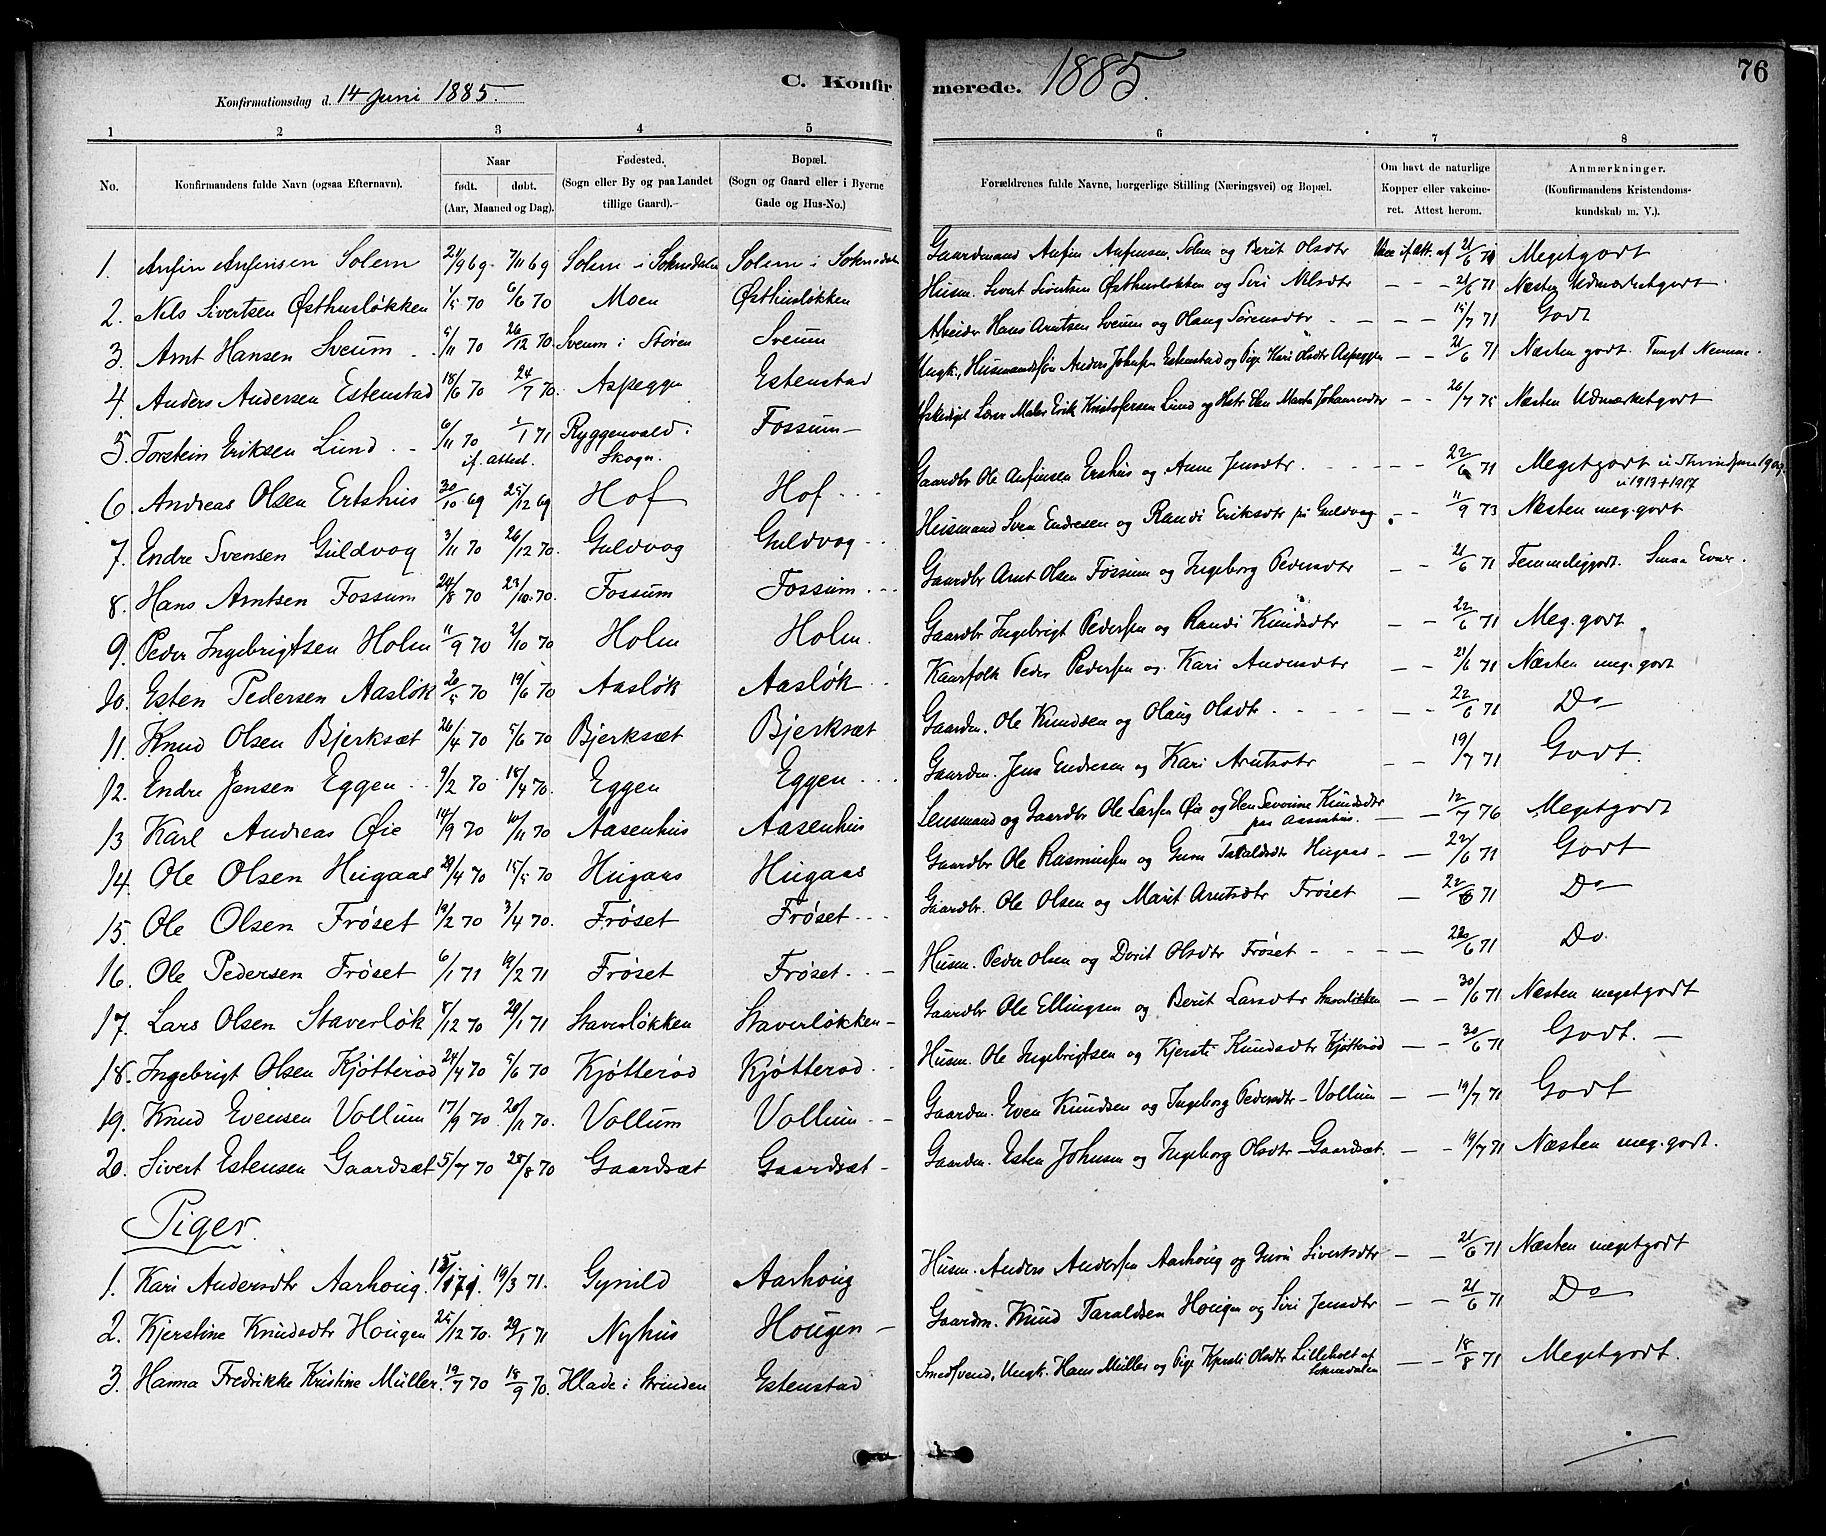 SAT, Ministerialprotokoller, klokkerbøker og fødselsregistre - Sør-Trøndelag, 689/L1040: Ministerialbok nr. 689A05, 1878-1890, s. 76